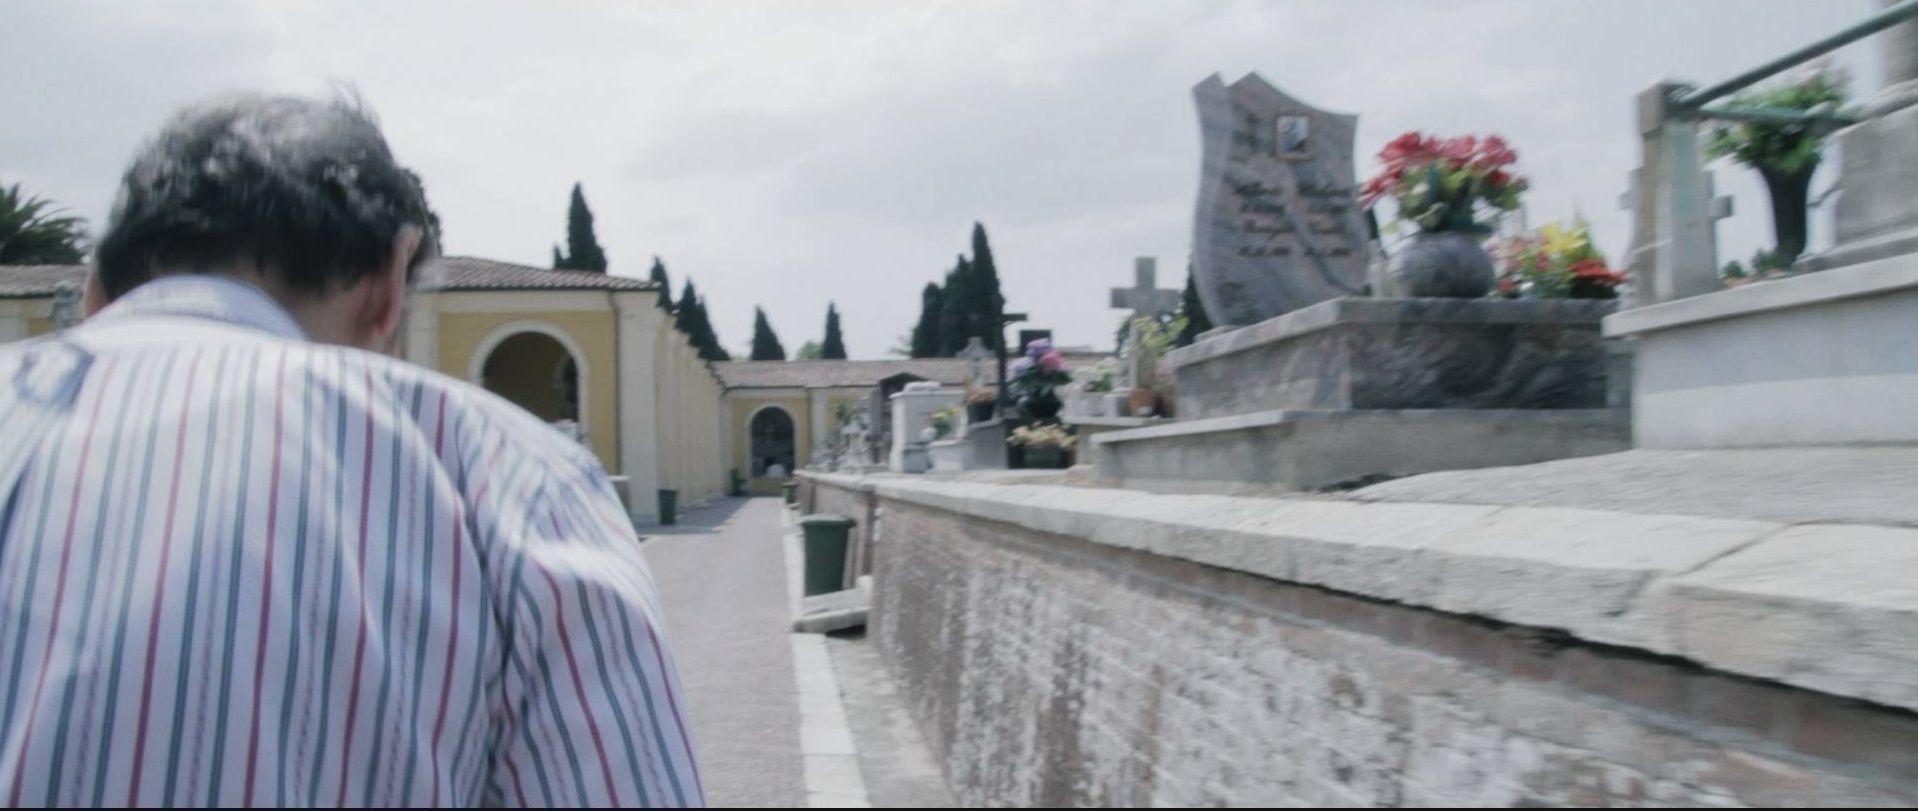 Le memoria degli ultimi: un'immagine tratta dal documentario